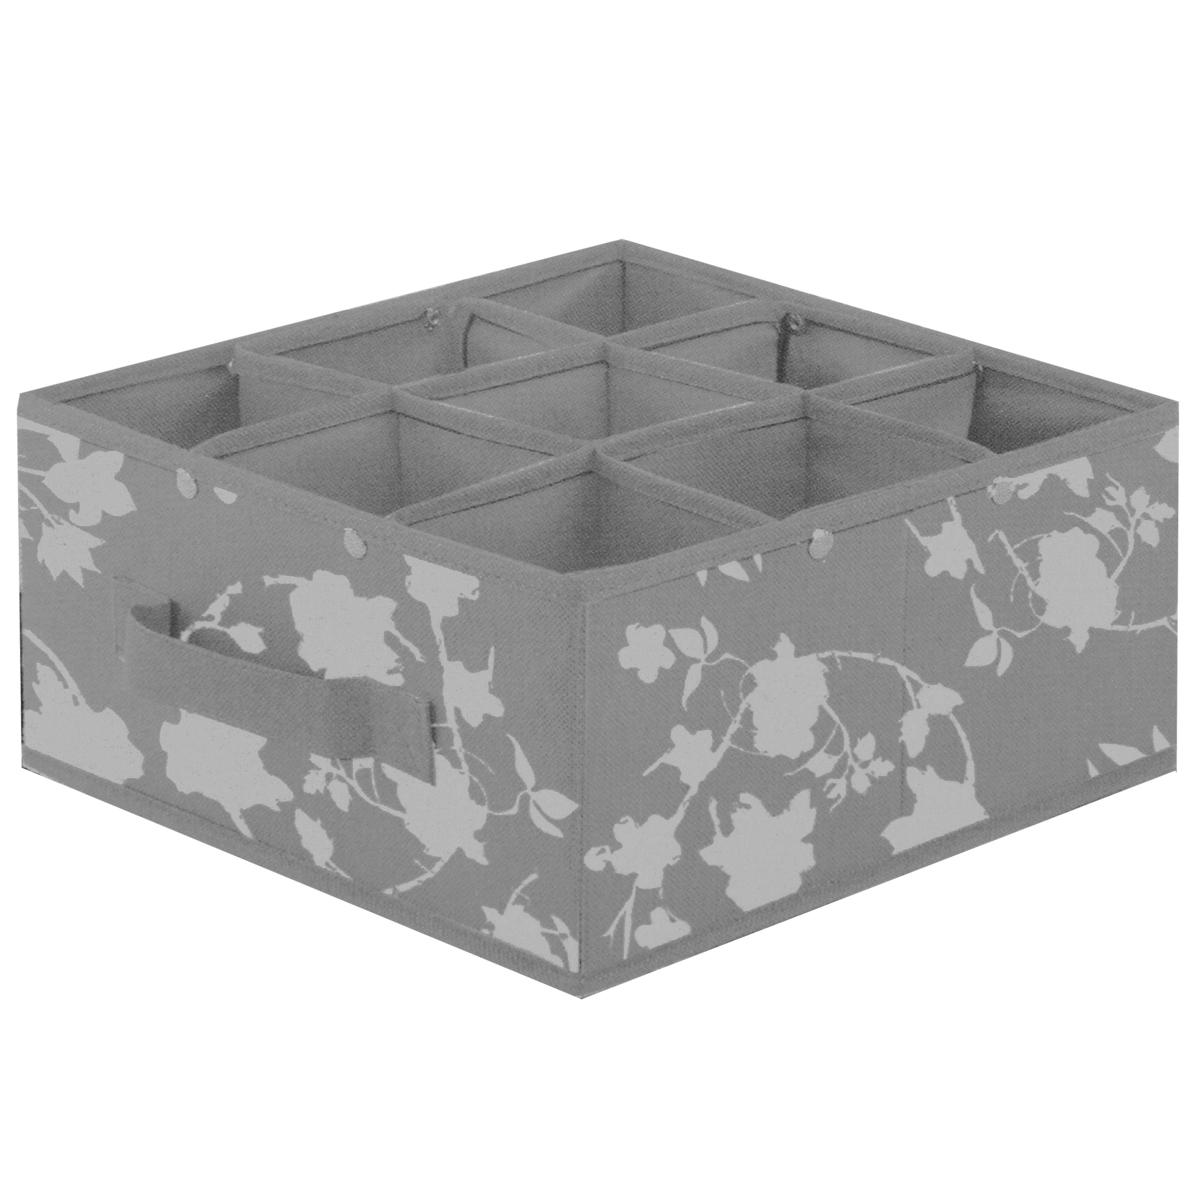 Кофр для хранения Цветочные мотивы, 9 секций, цвет: серый, 26,5 см х 26,5 см х 13 смFS-6143Кофр для хранения Цветочные мотивы изготовлен из высококачественного нетканого материала, который позволяет сохранять естественную вентиляцию, а воздуху свободно проникать внутрь, не пропуская пыль. Удобные секции предназначены для хранения белья и мелких вещей. Благодаря специальным вставкам, кофр прекрасно держит форму, а эстетичный дизайн с красивым растительным узором гармонично смотрится в любом интерьере. Кофр оснащен ручкой, которая позволяет использовать его в качестве выдвижного ящика в гардеробе или шкафу. Мобильность конструкции обеспечивает легкое складывание и раскладывание.